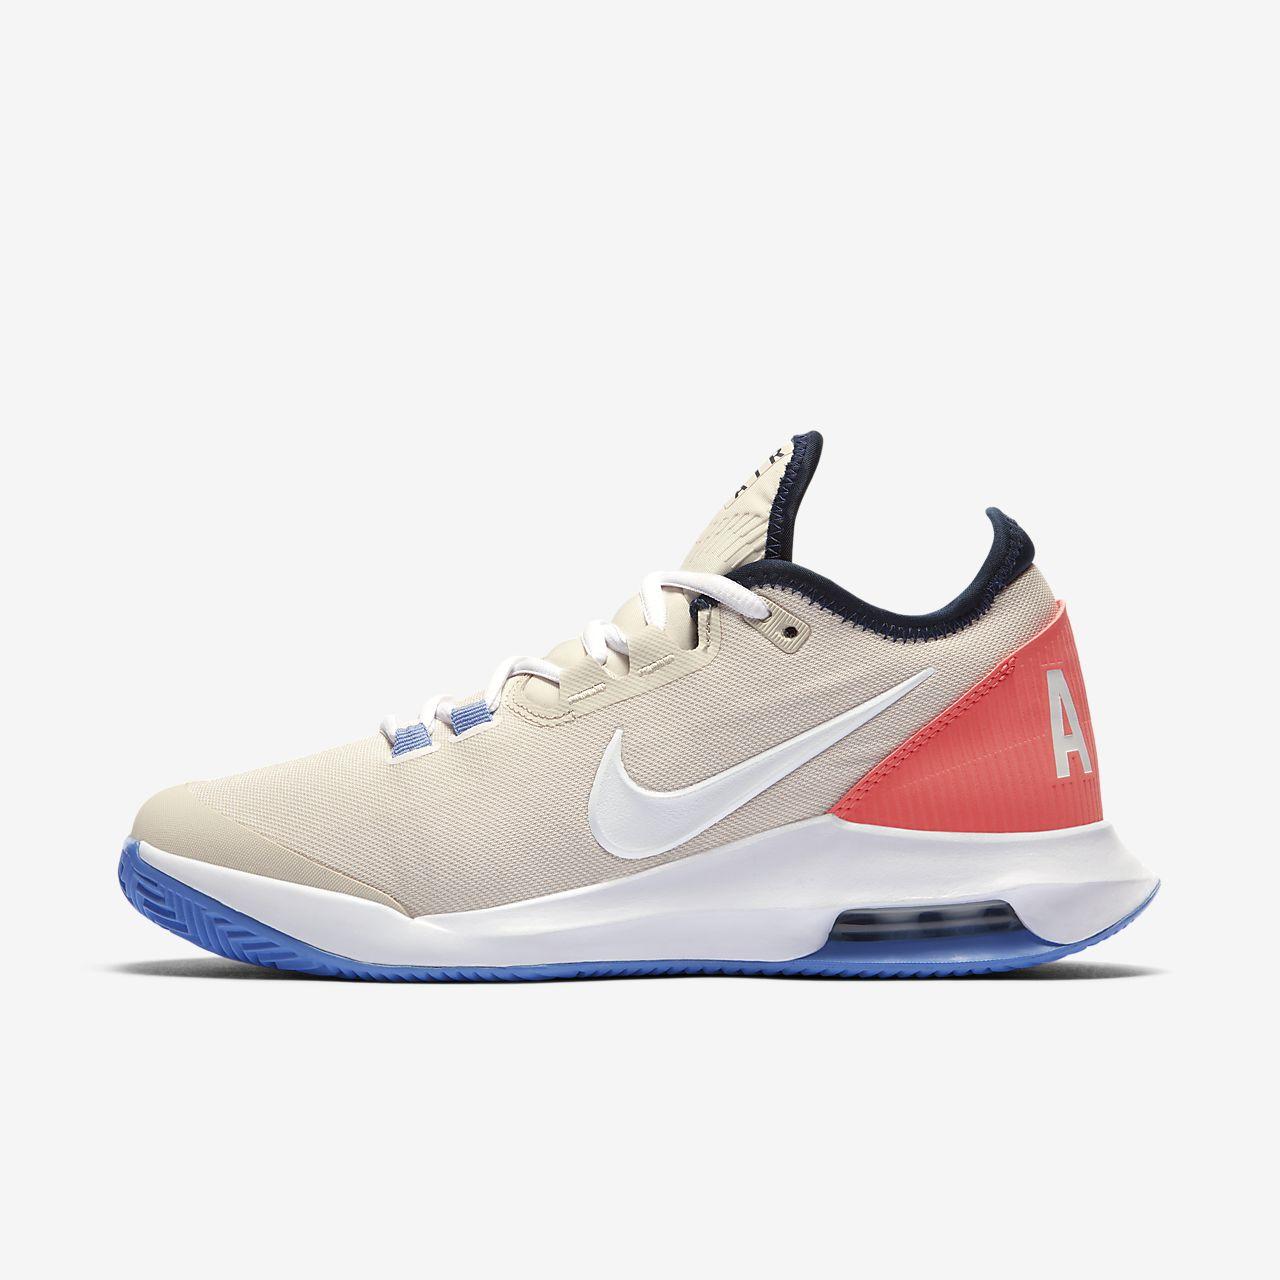 NikeCourt Air Max Wildcard Zapatillas de tenis para tierra batida - Mujer